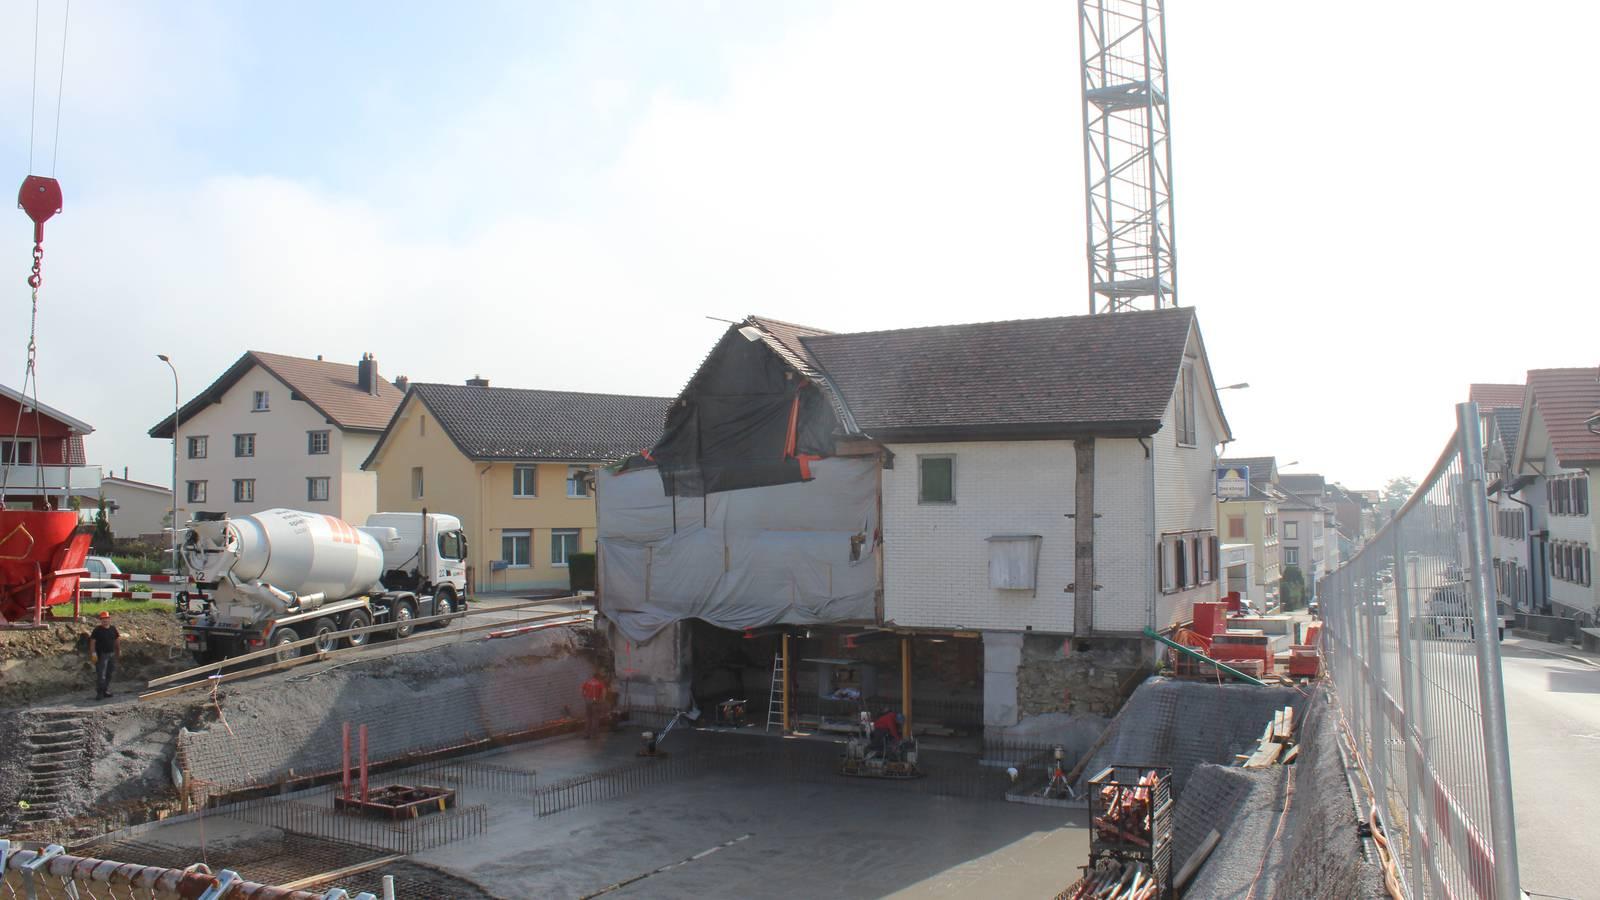 Es wird fleissig gebaut. Hier entsteht eine Wohnanlage für betreutes Wohnen. (© FM1Today)